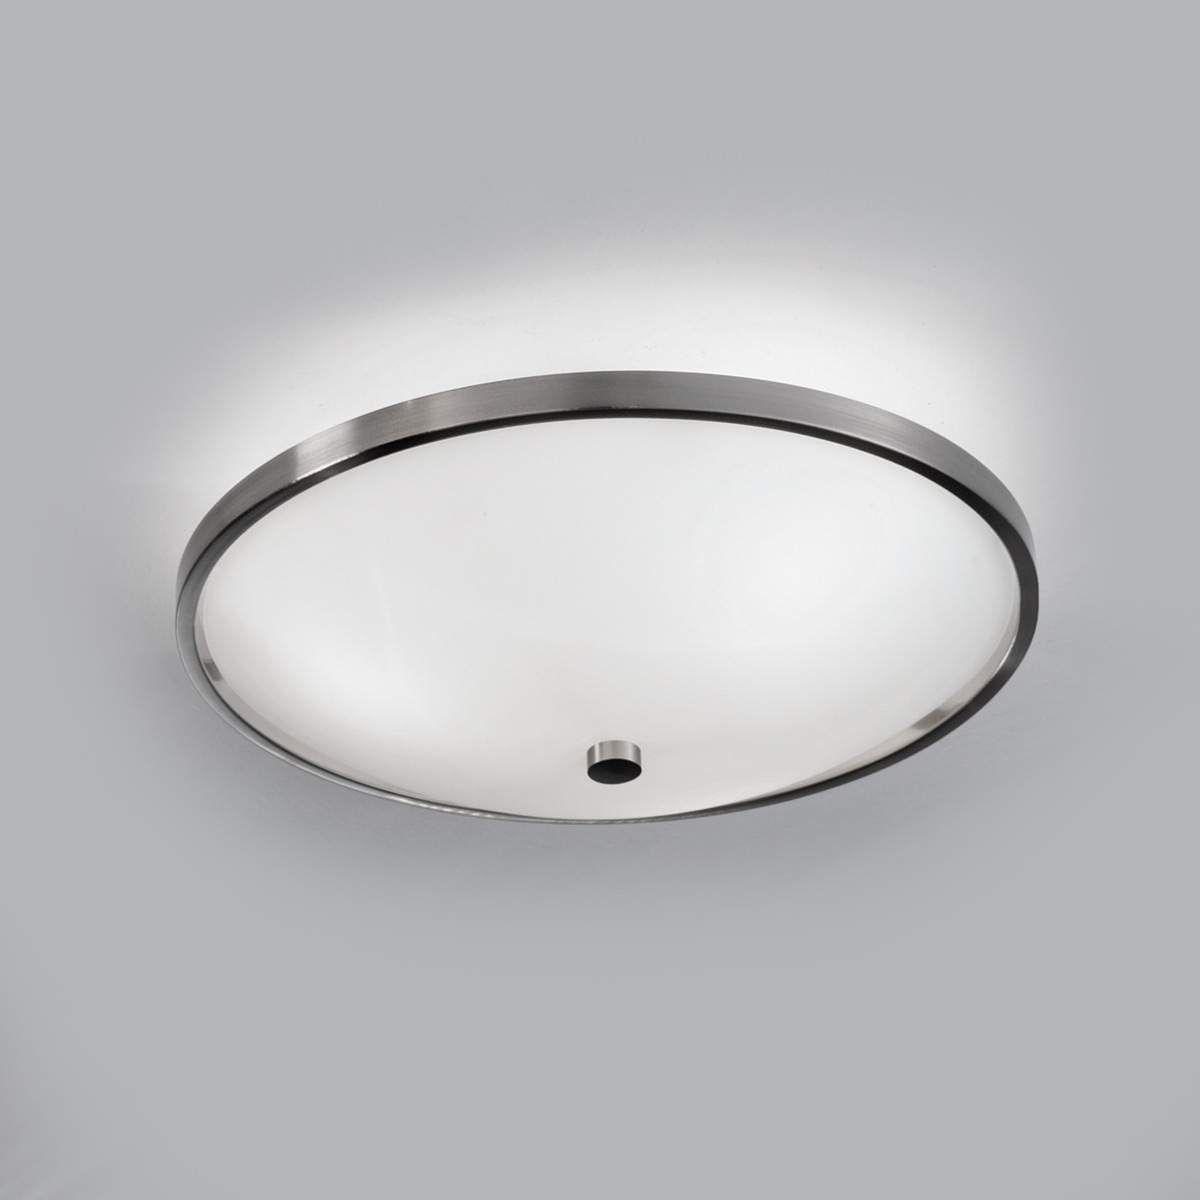 Vielseitige Deckenleuchte Samira 39 5 Cm Von Orion Beleuchtung Decke Deckenlampe Stoff Satiniertes Glas